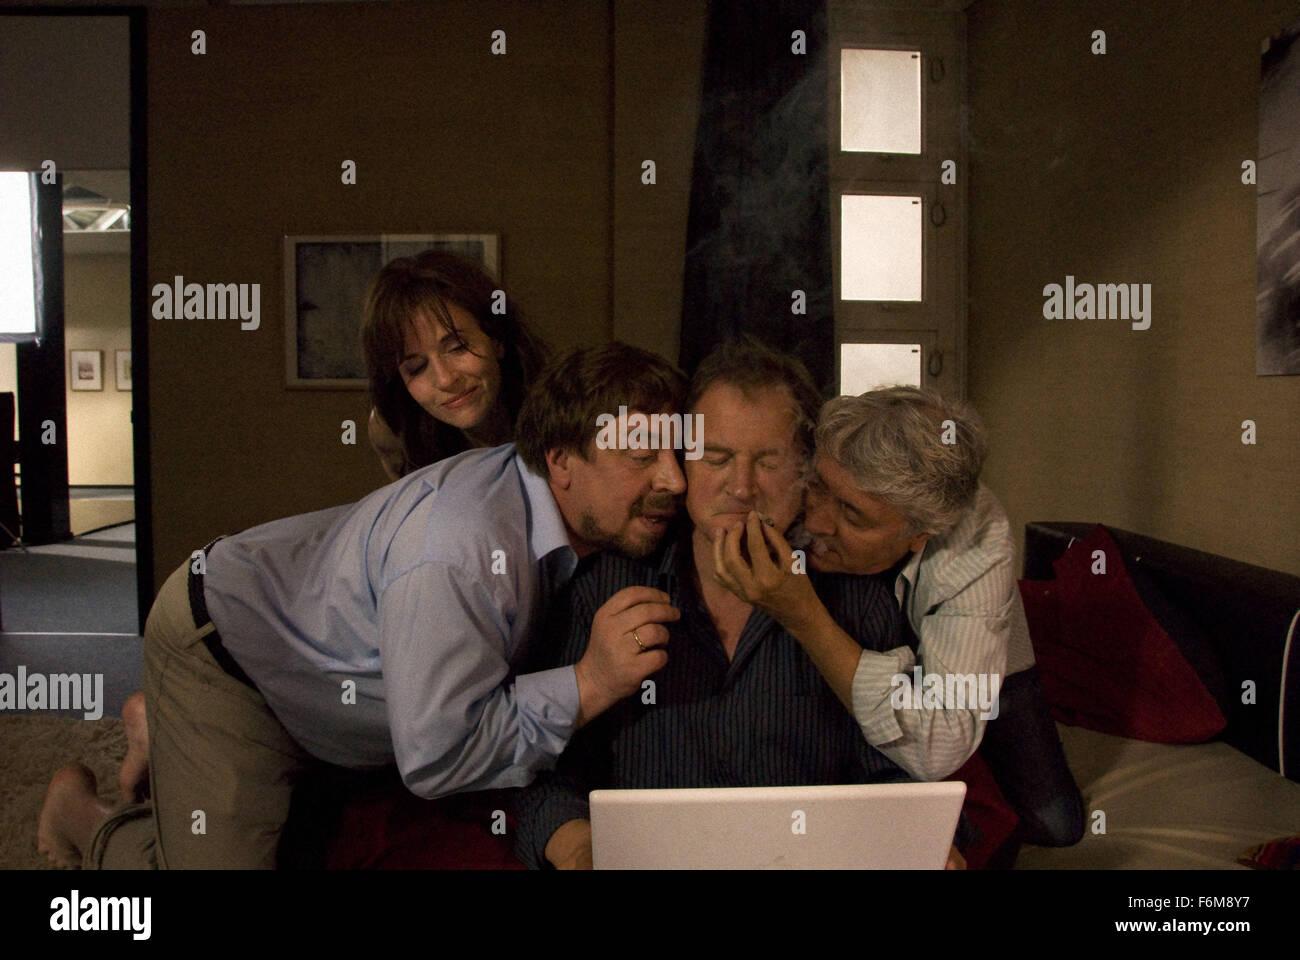 DATUM DER FREIGABE: 2009. FILMTITEL: Verändern Sie Und Schonheit. STUDIO: ARTE. PLOT:. Im Bild: SIBYLLE CANONICA Stockbild